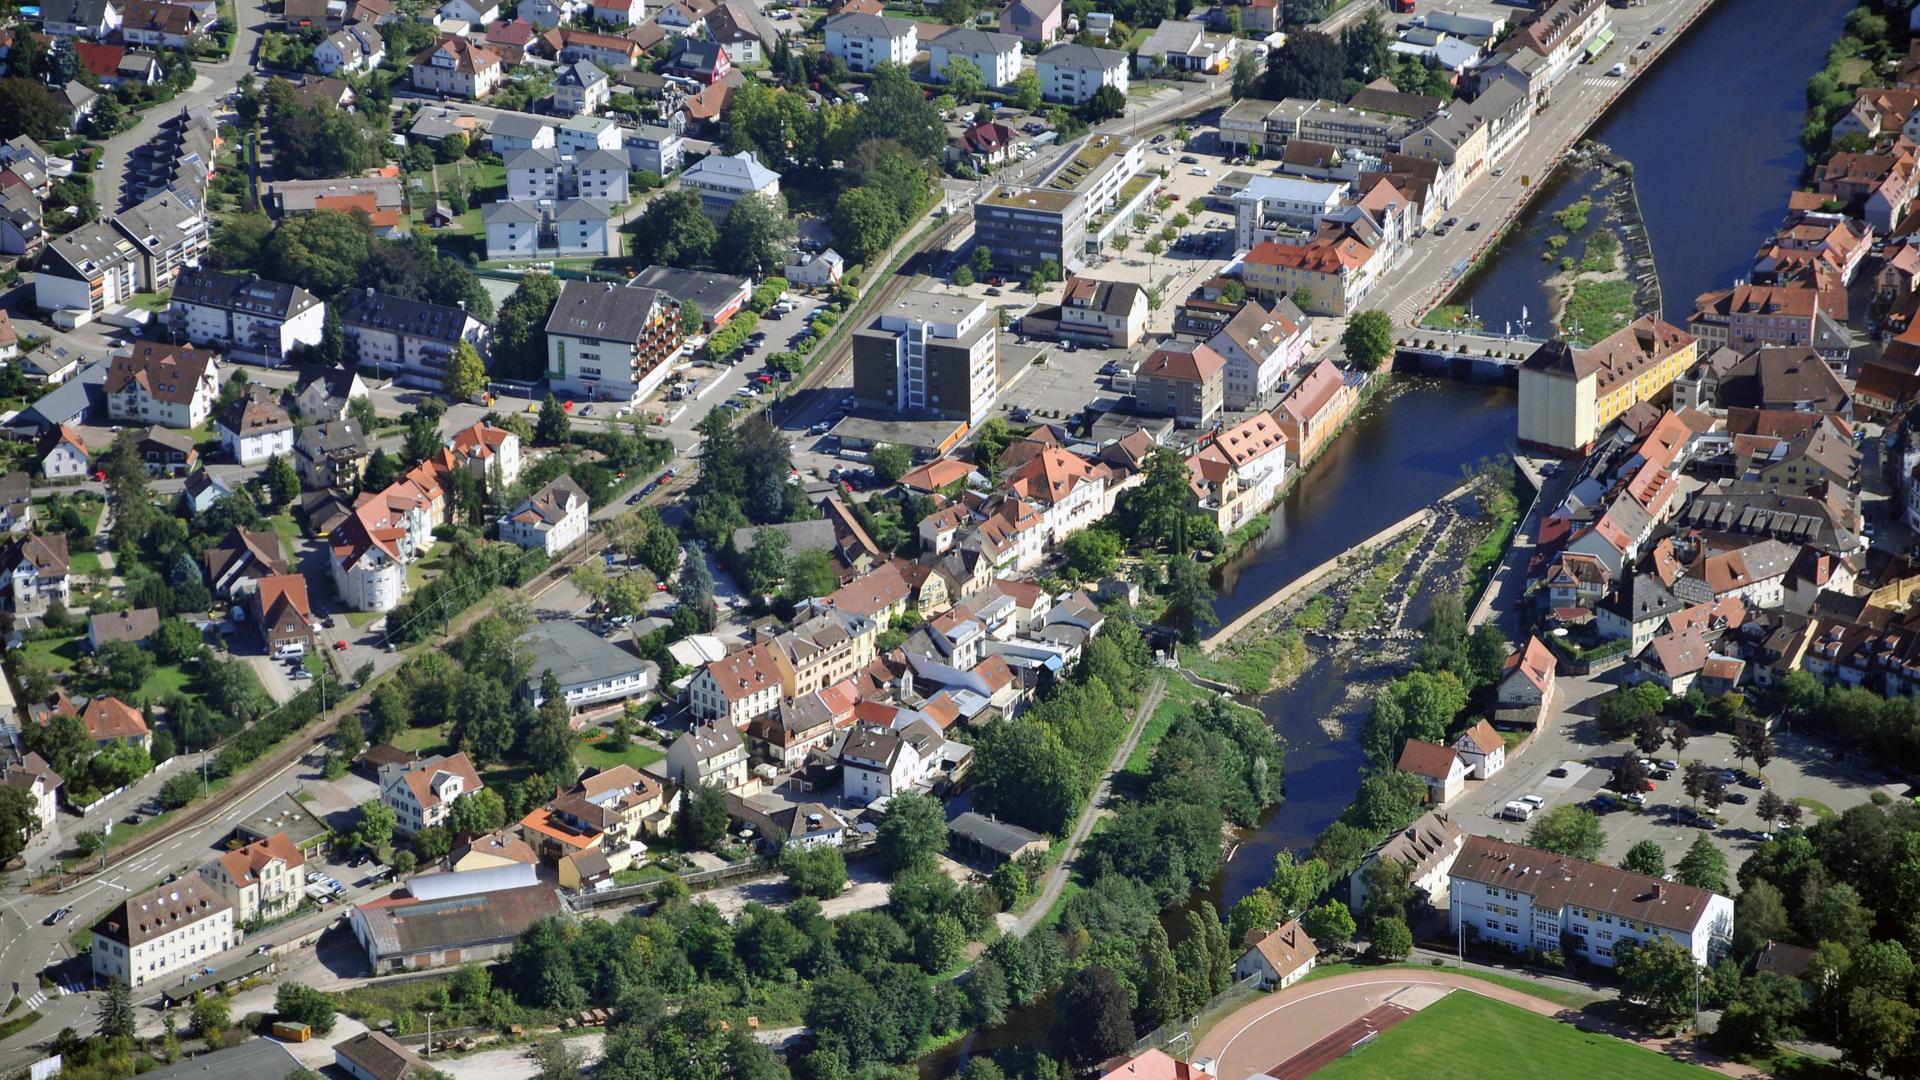 Ein Teil von Gernsbach: Die Geschichte der Handelslehranstalt (rechts unten) reicht mehr als hundert Jahre zurück. Wie sie weitergeht, entscheidet sich im Mai.